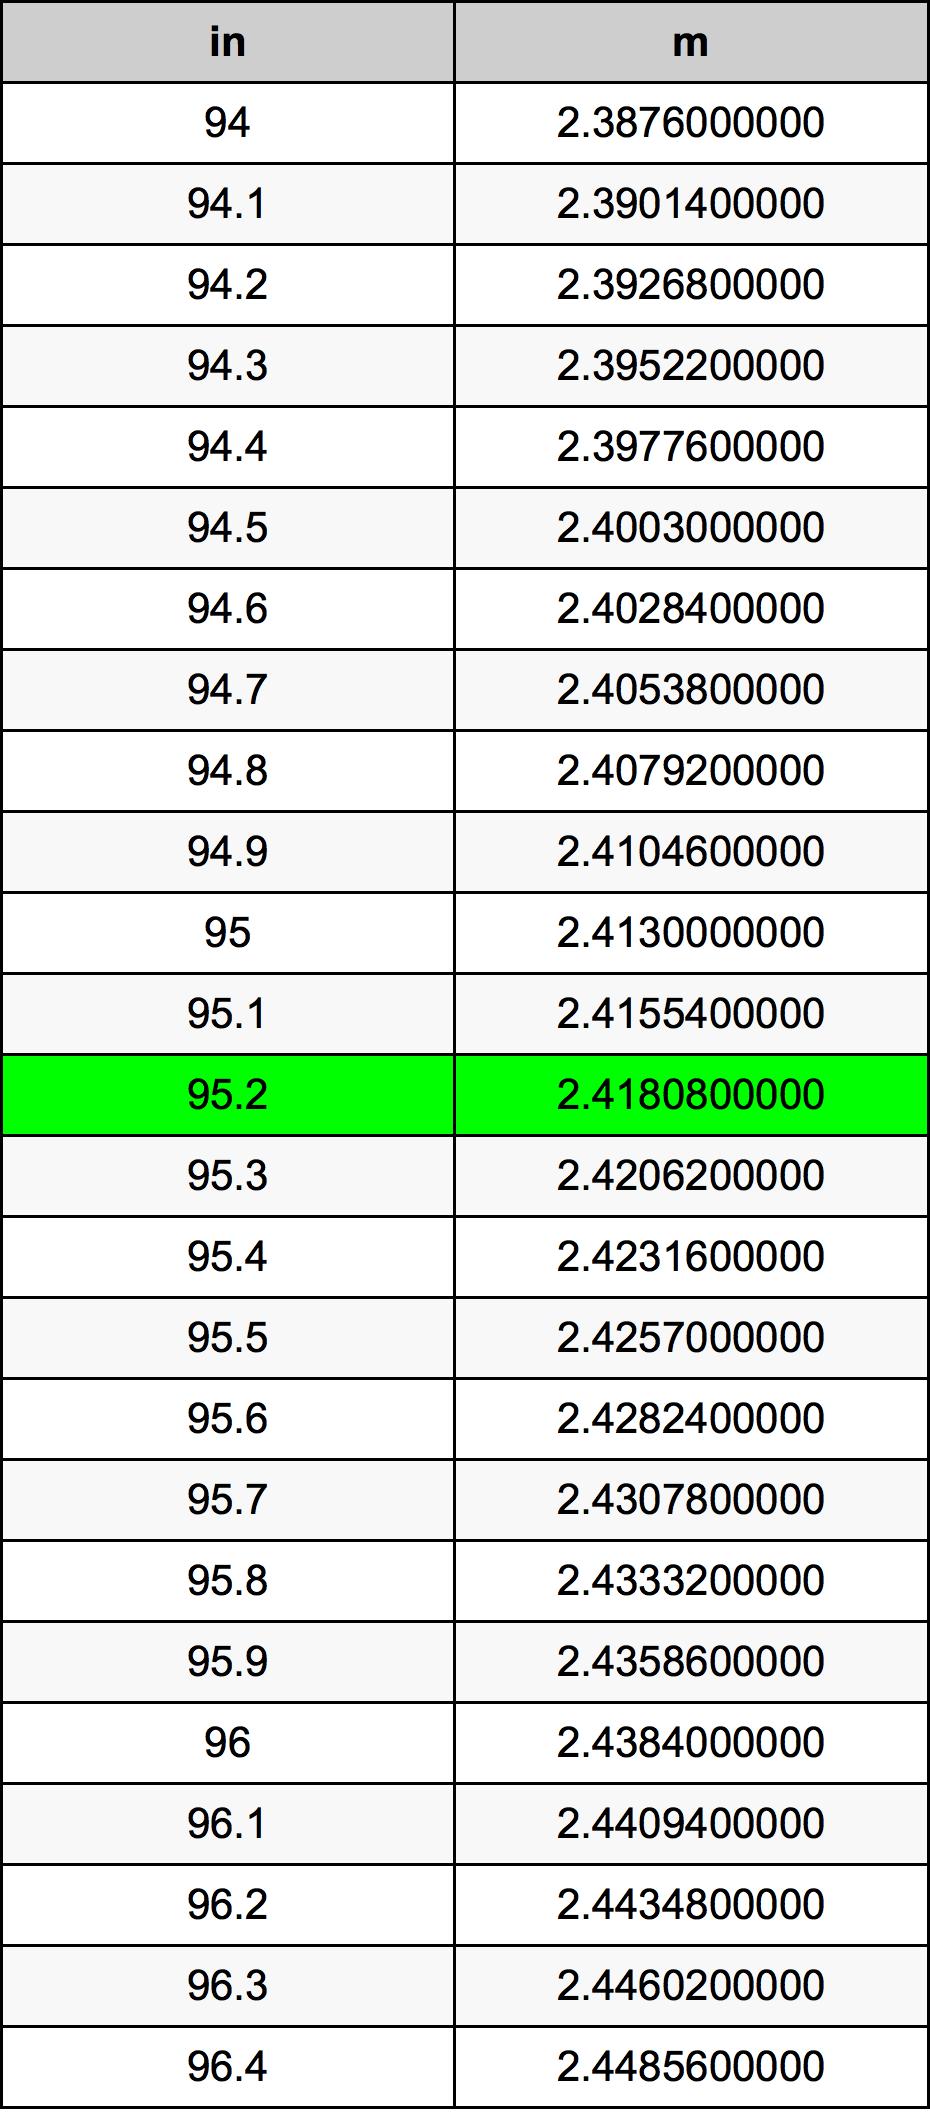 95.2 Țol tabelul de conversie